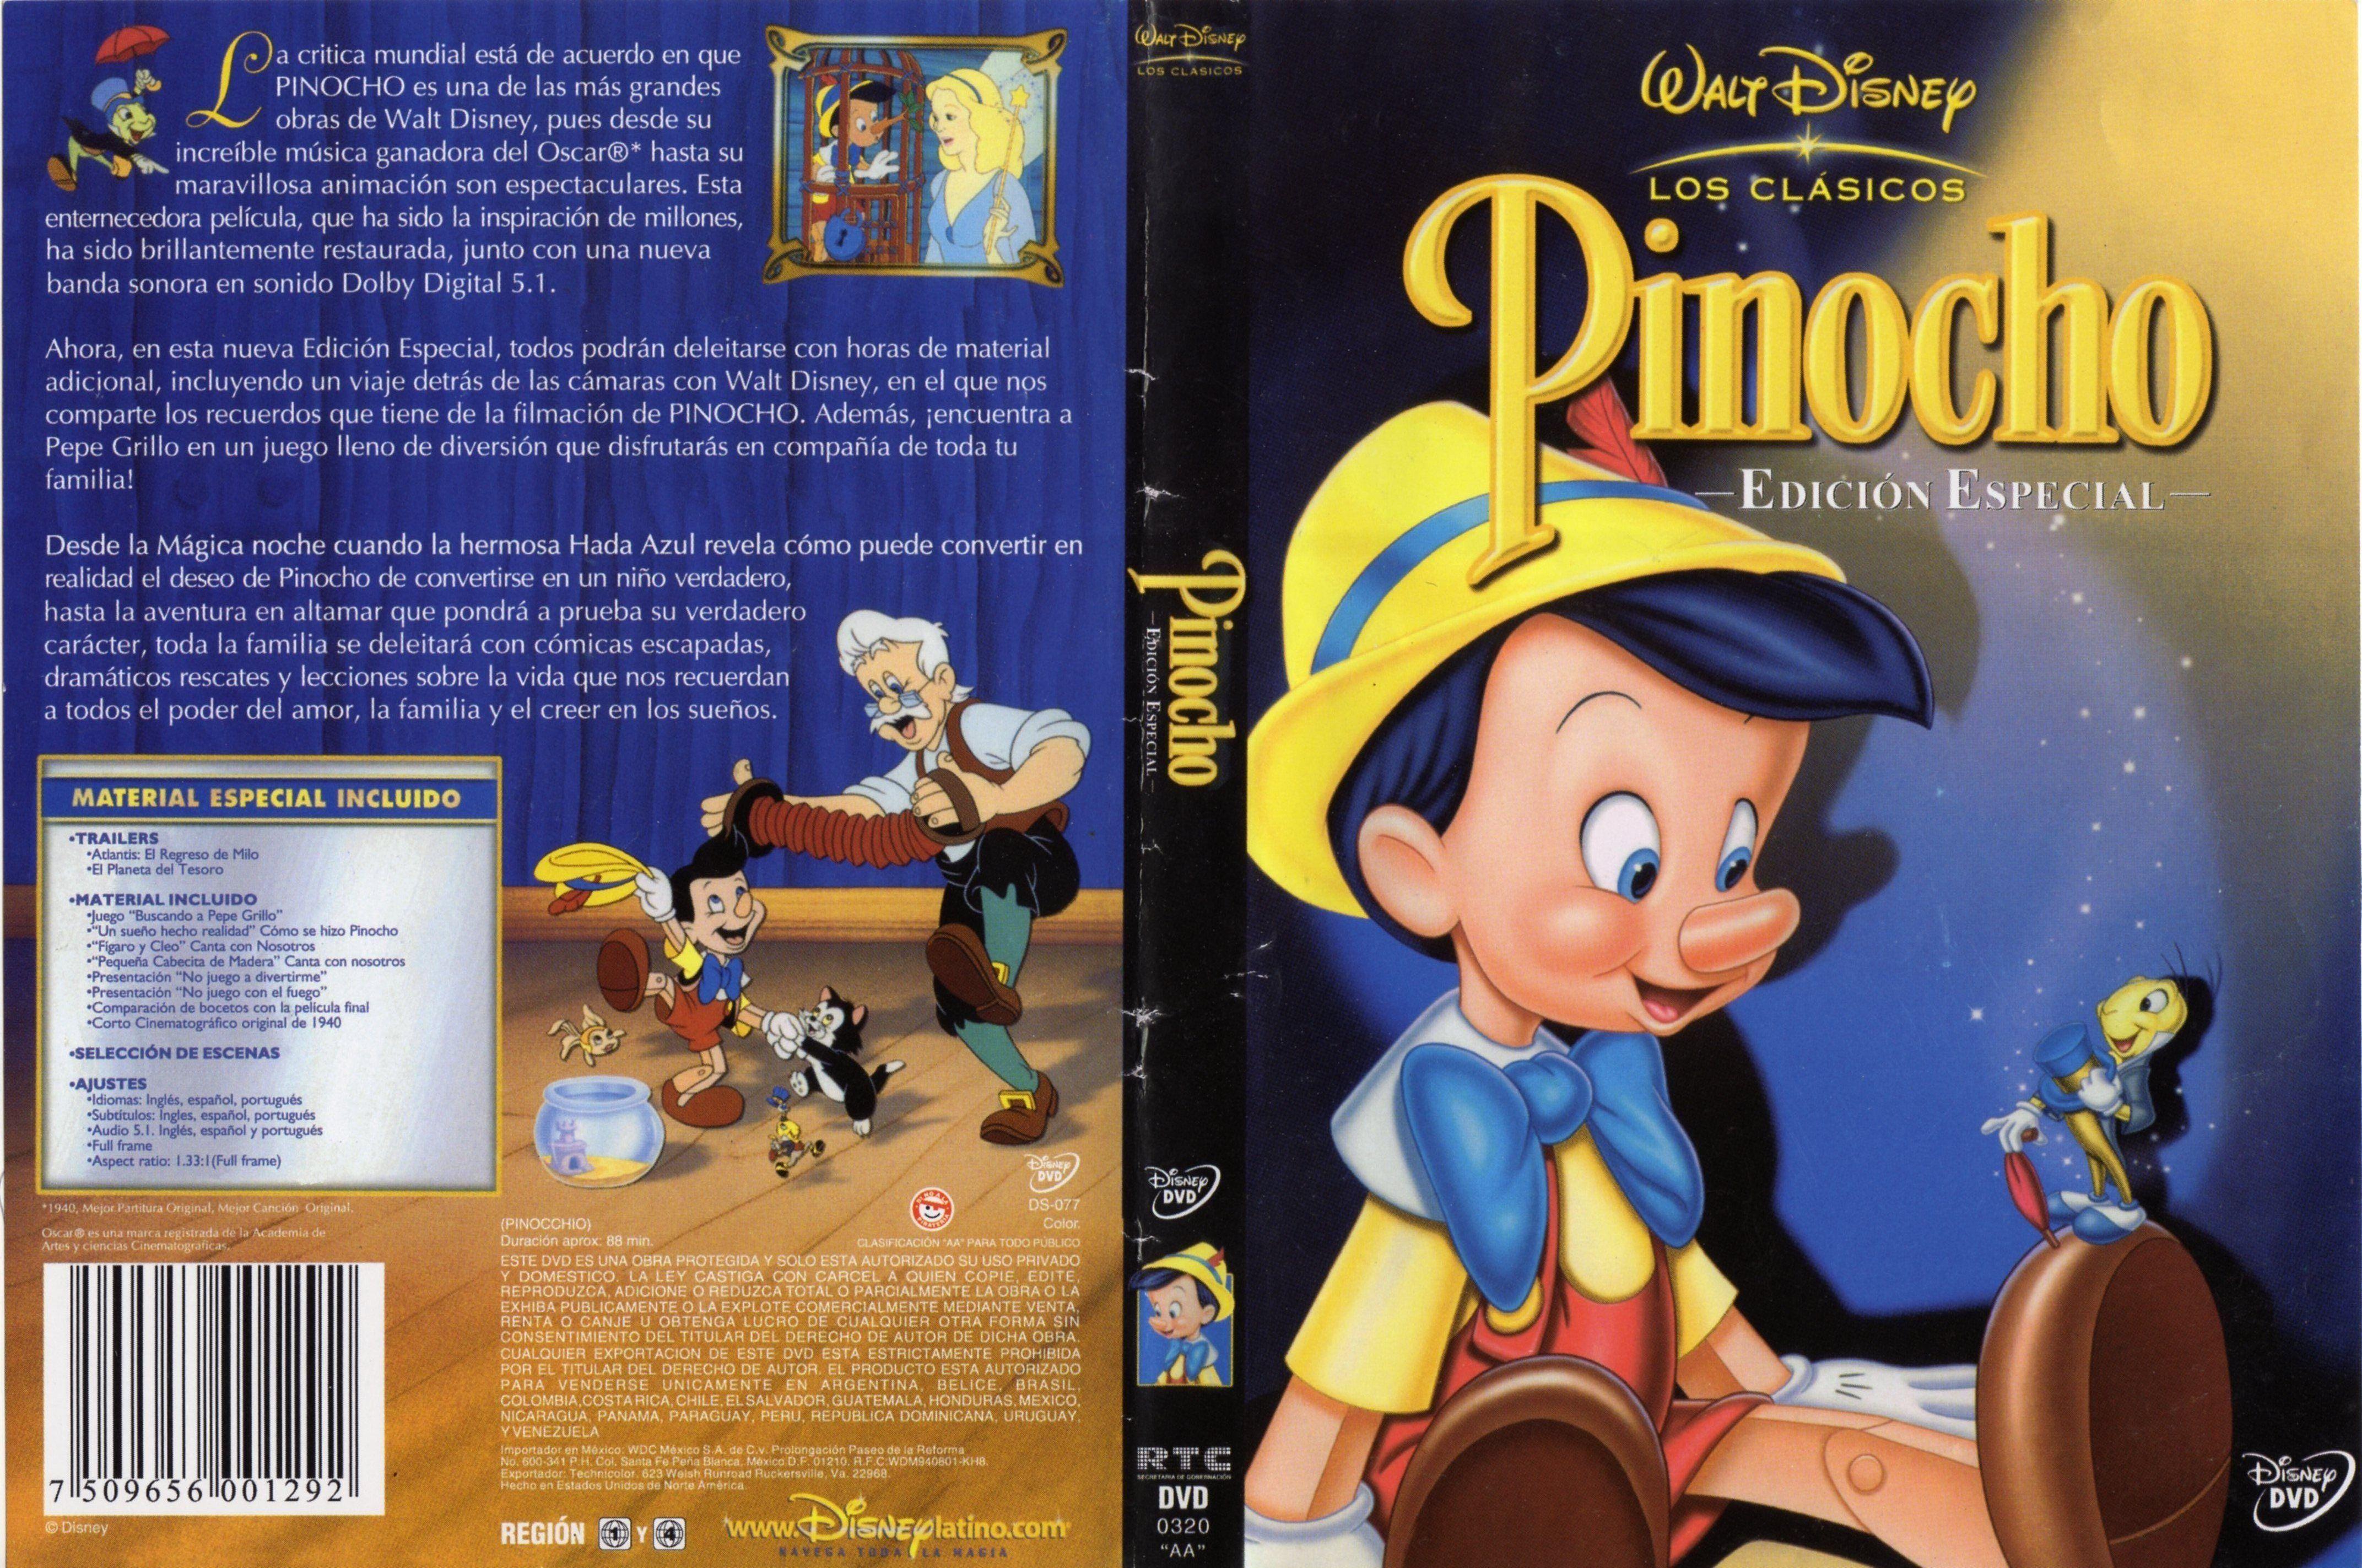 Pinocho_-_Clasicos_Disney_-_Edicion_Especial_-_Region_1-4_por_jaboran333_[dvd]_80.jpg (4287×2846)